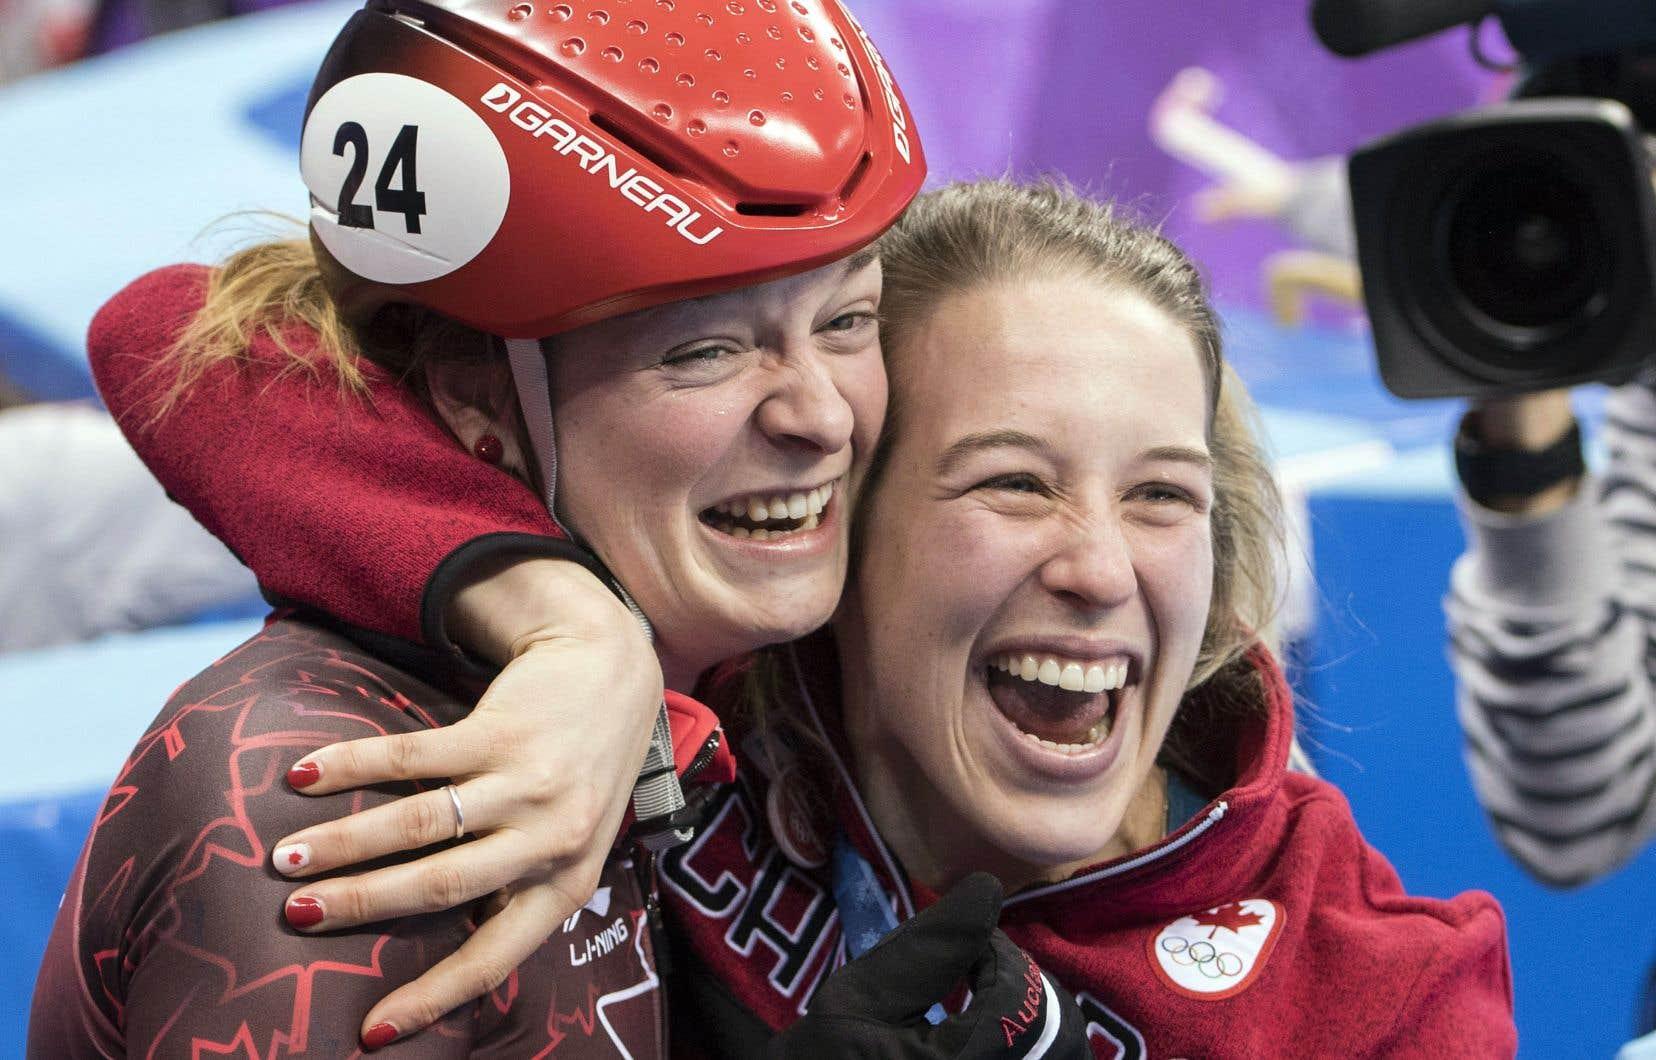 La Sherbrookoise Kim Boutin, que l'on voit ici félicitée par sa coéquipière Marianne St-Gelais, a remporté la médaille de bronze au patinage de vitesse sur courte piste, mais sa performance lui a valu des menaces sur les réseaux sociaux de la part de partisans de la Corée du Sud.